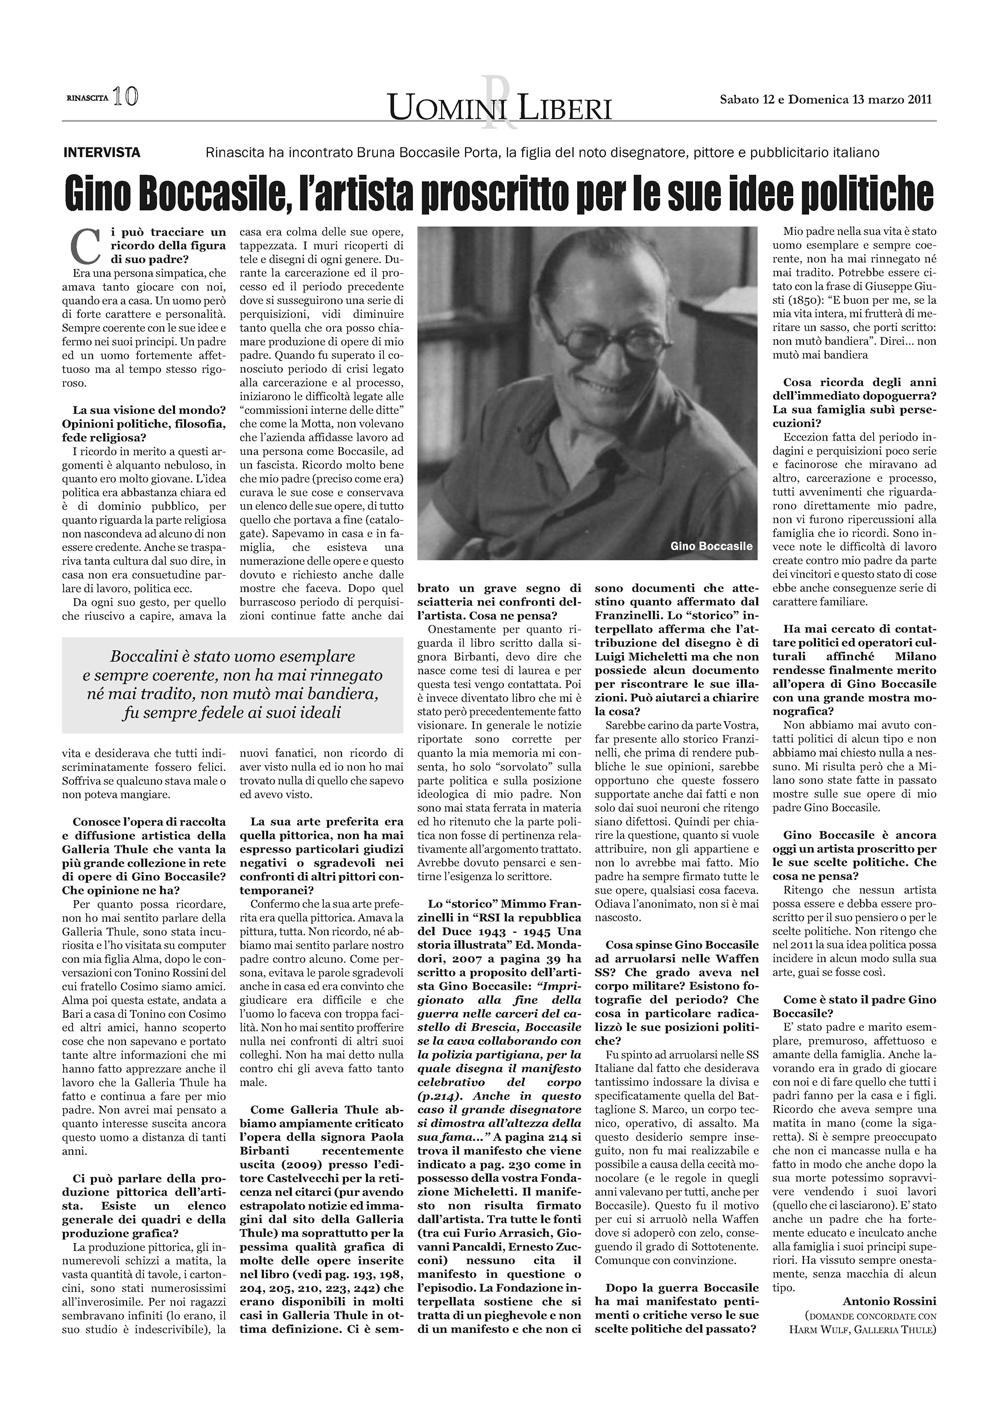 rinascita-8-9-10_page_2